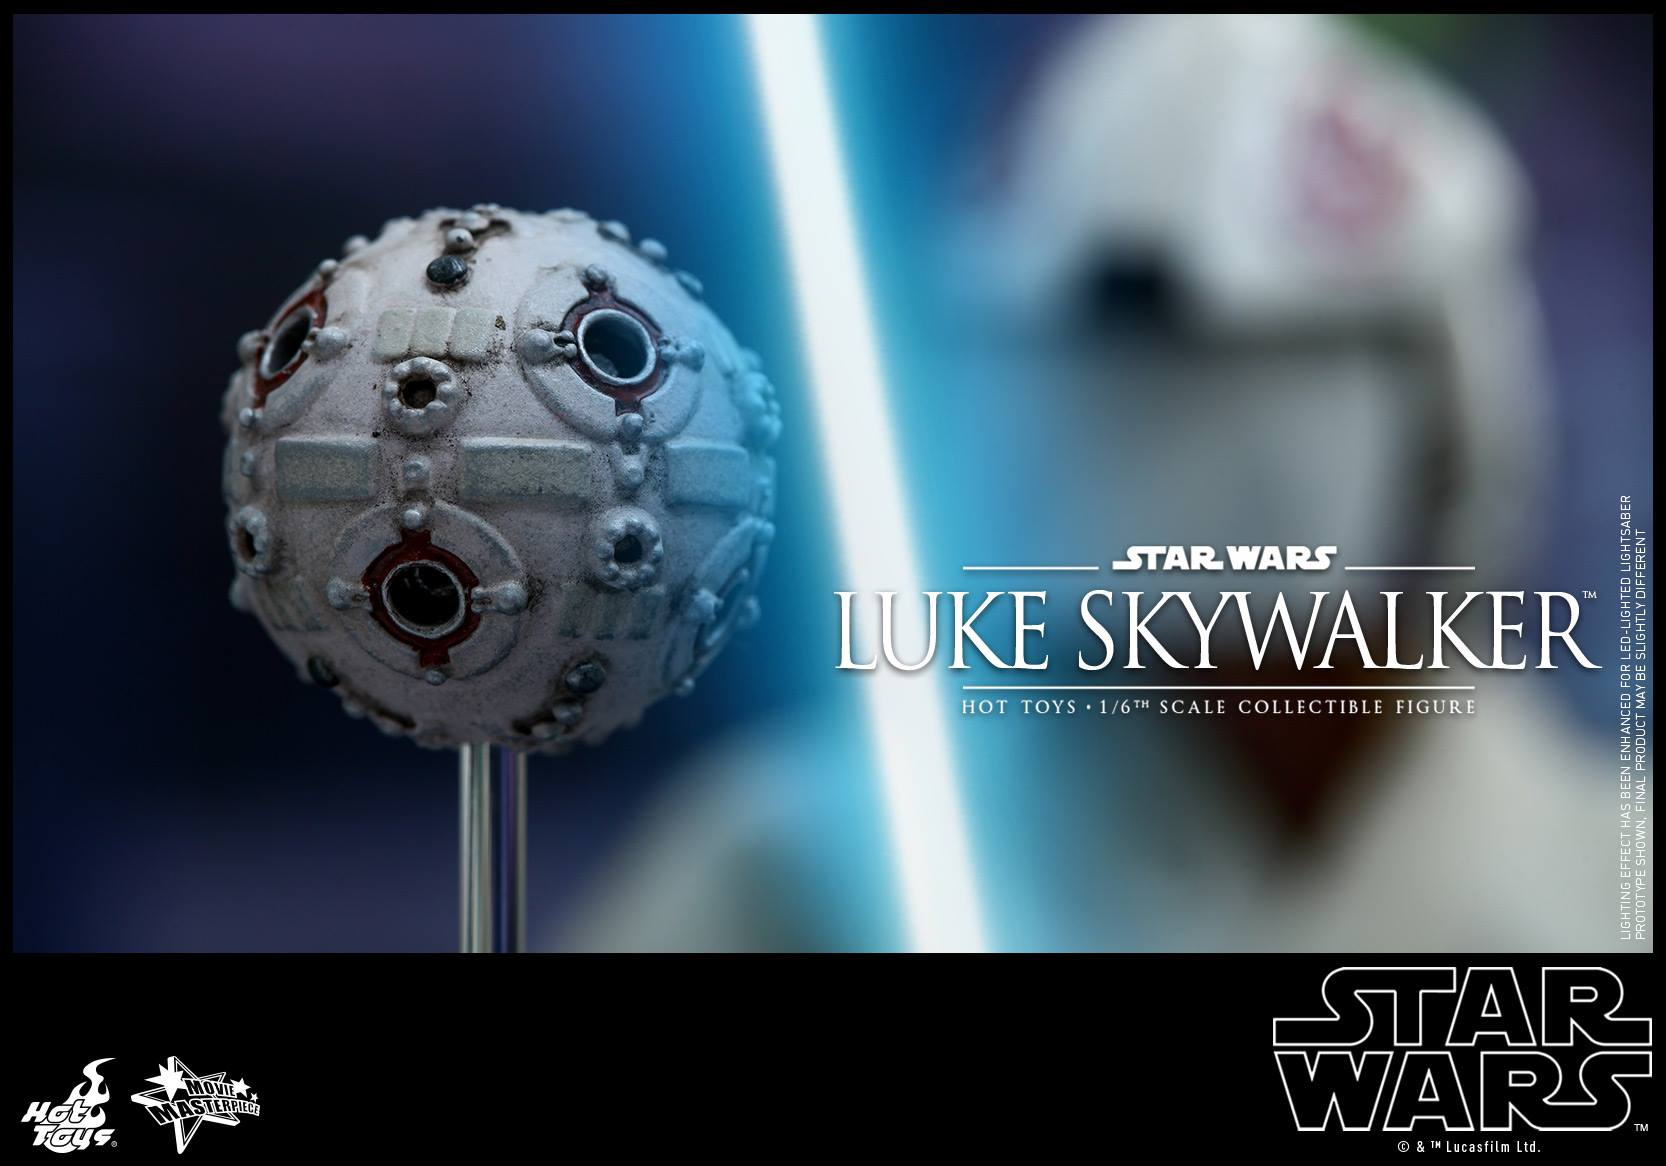 HOT TOYS - Star Wars: Episode IV A New Hope - Luke Skywalker 825122114